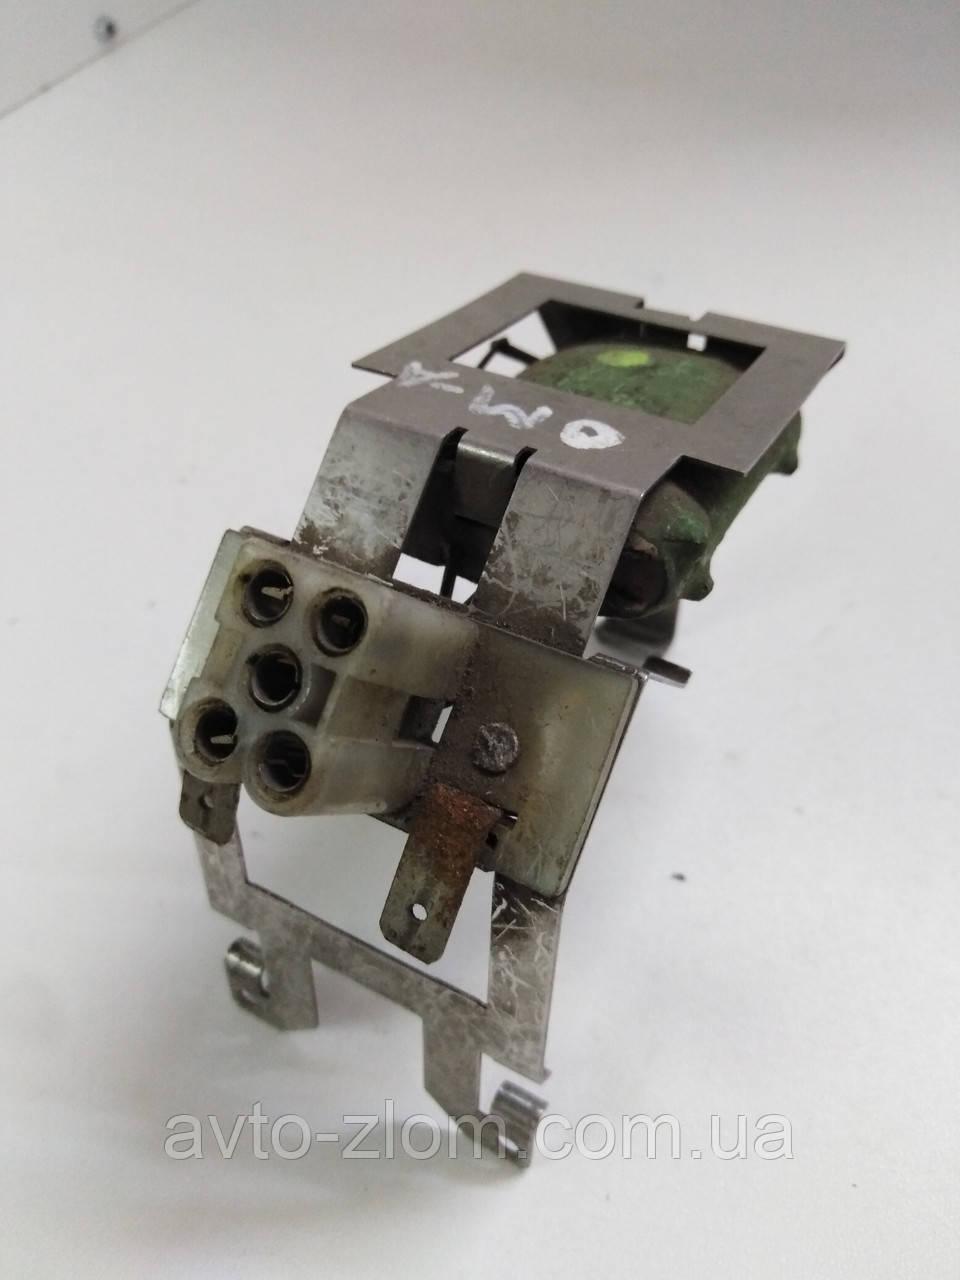 Резистор, реостат печки Opel Omega A, Опель Омега А.